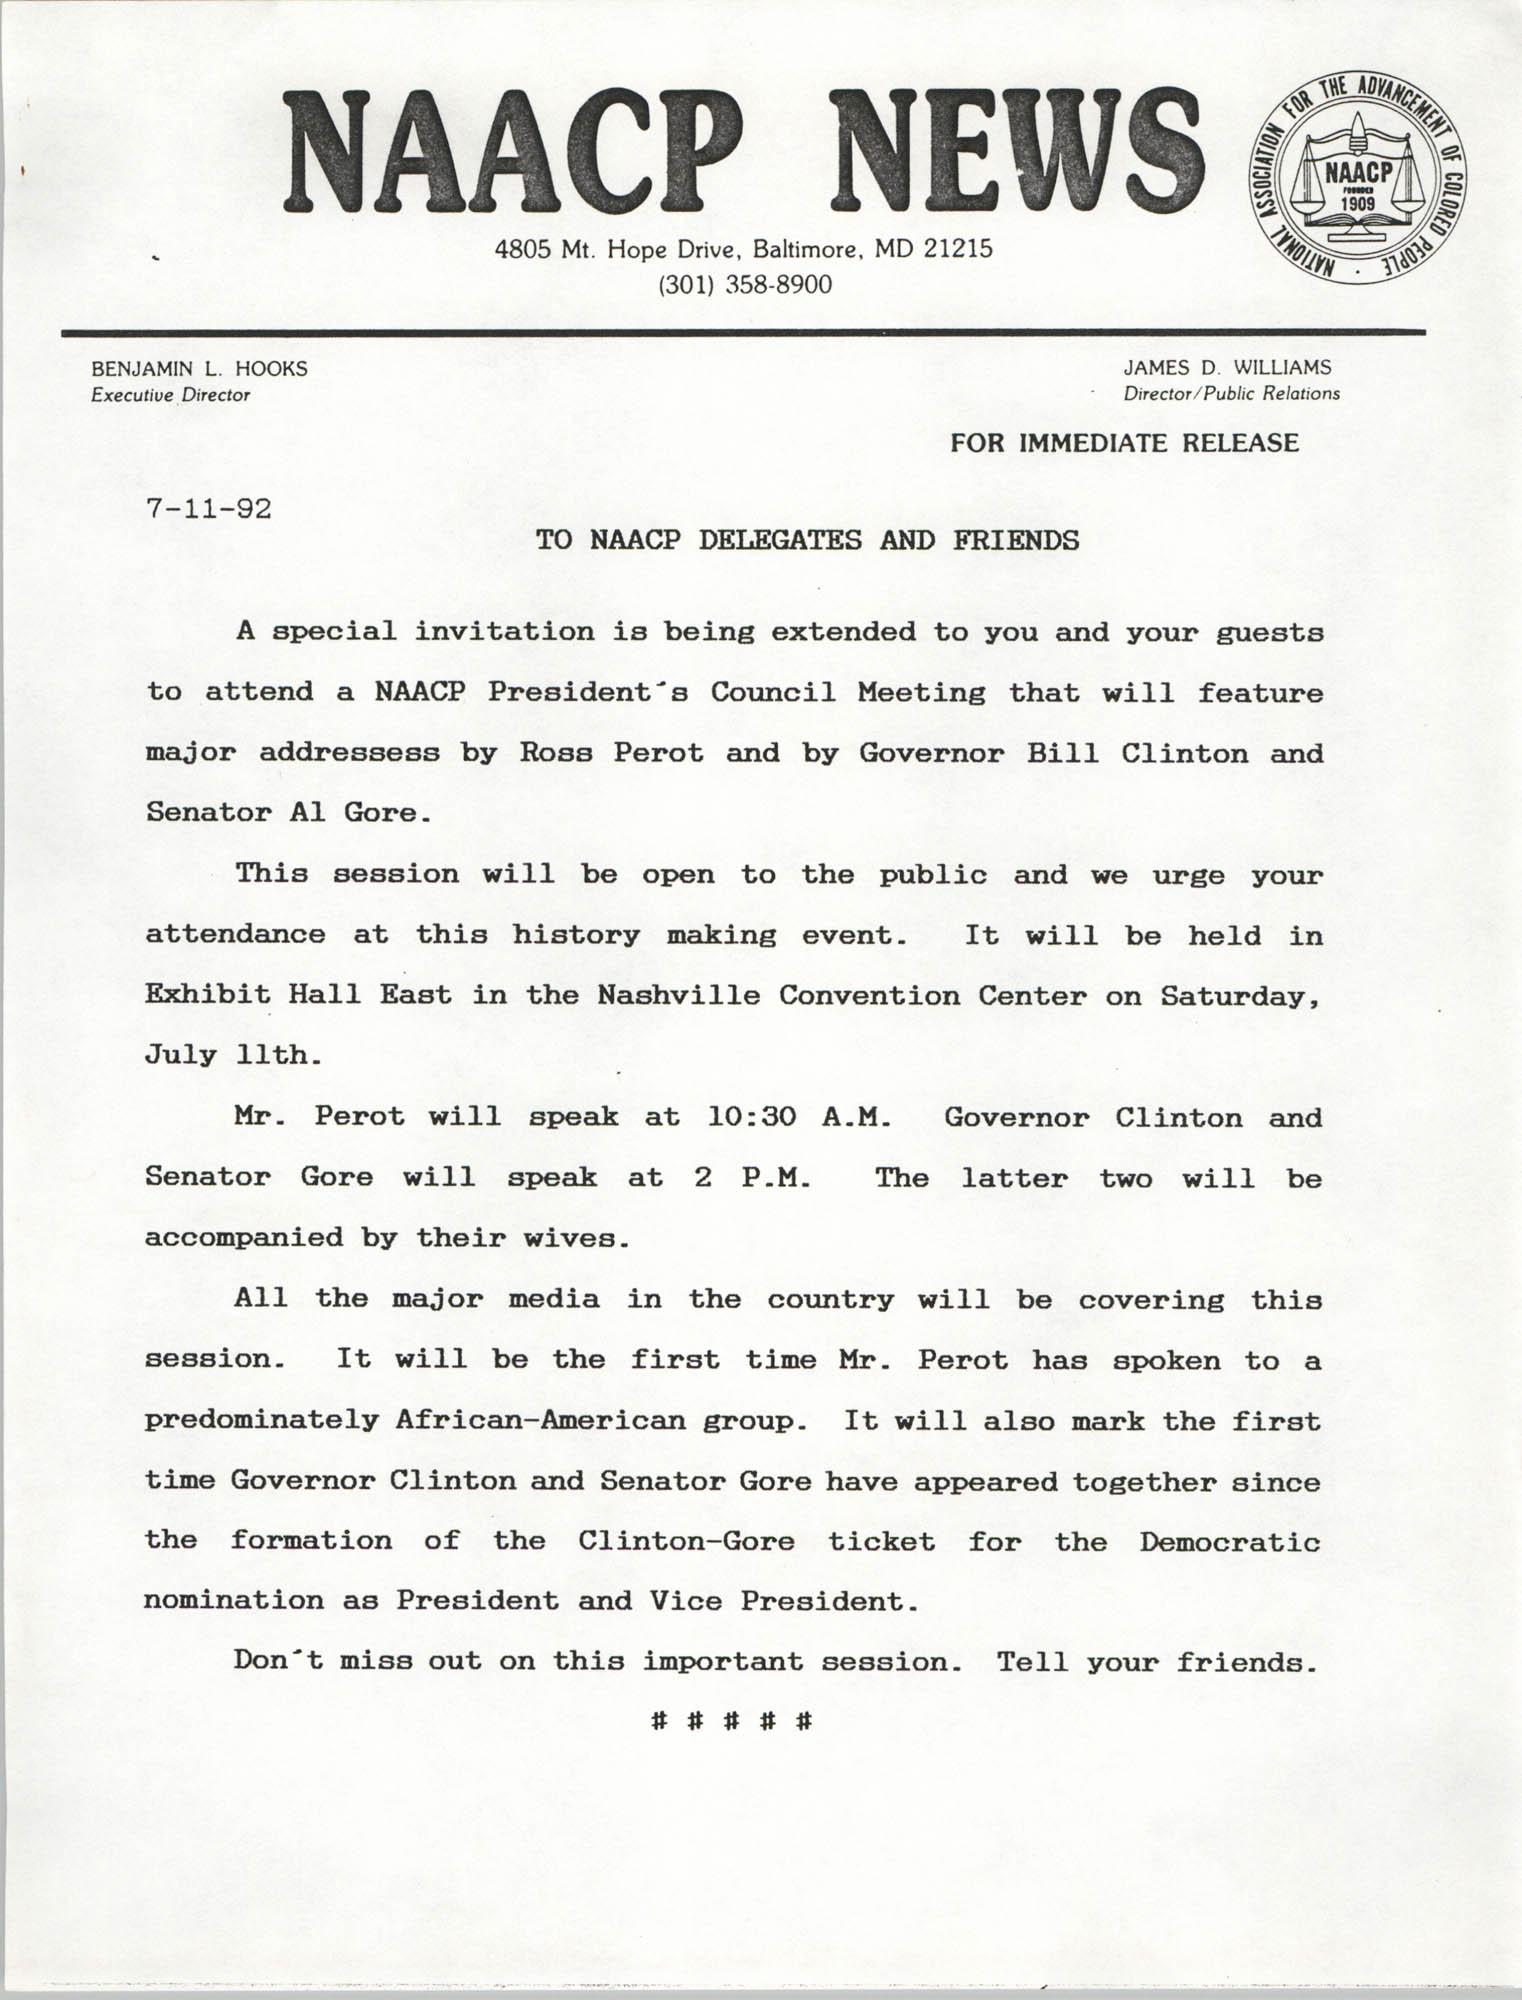 NAACP News, July 11, 1992